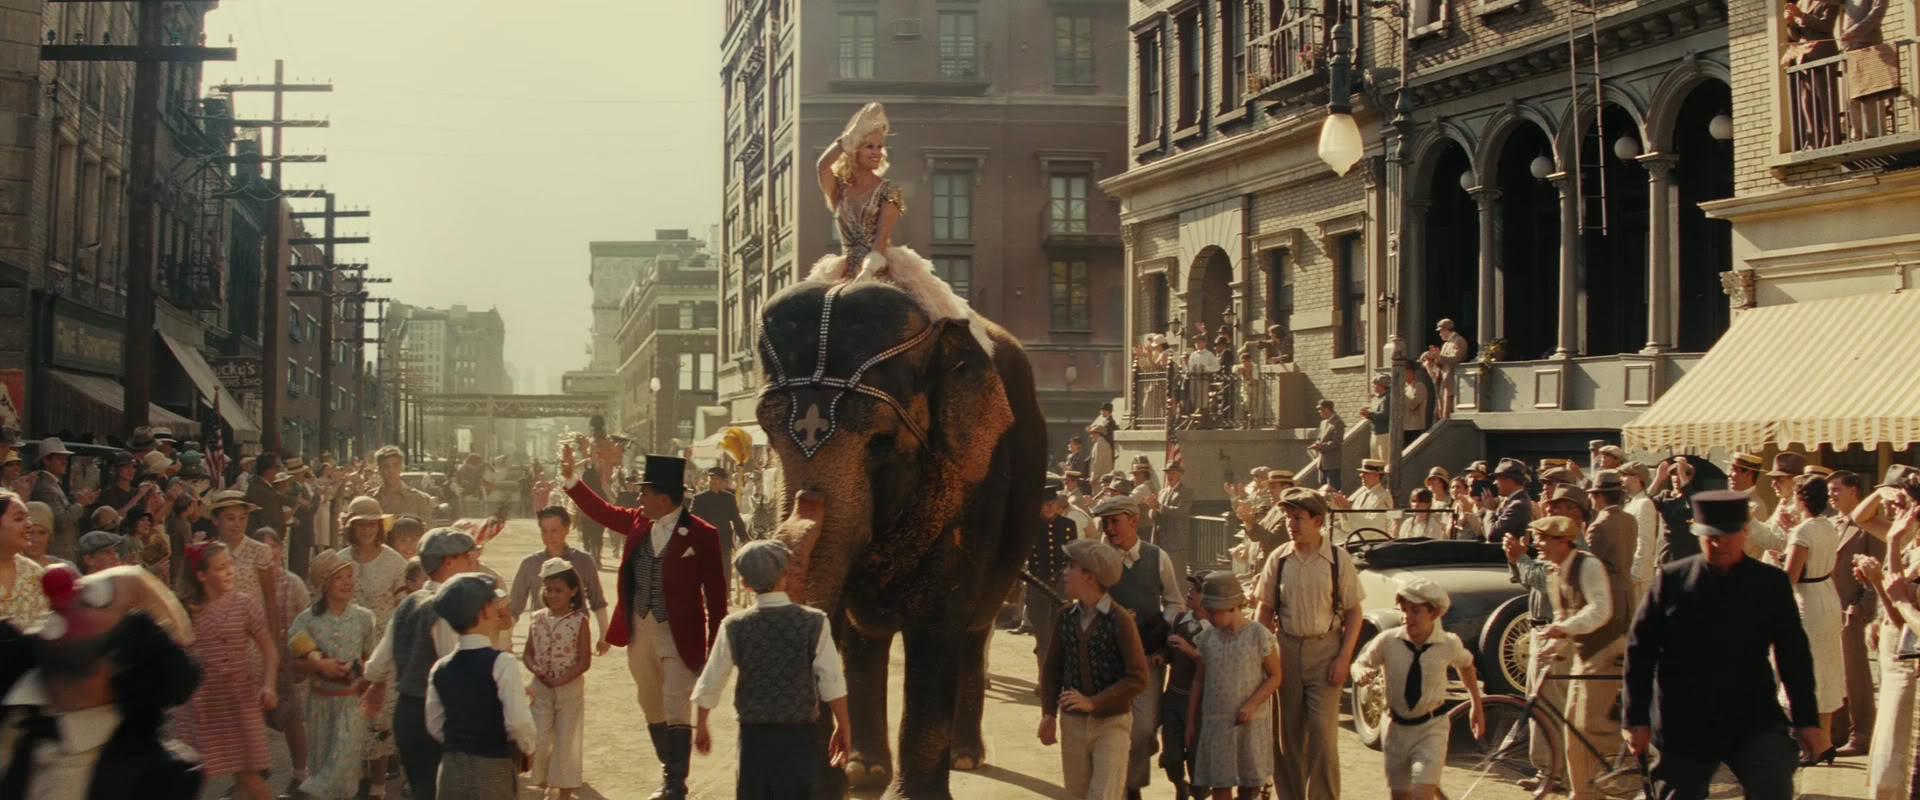 Still Water for Elephants... Pattinsonlife943